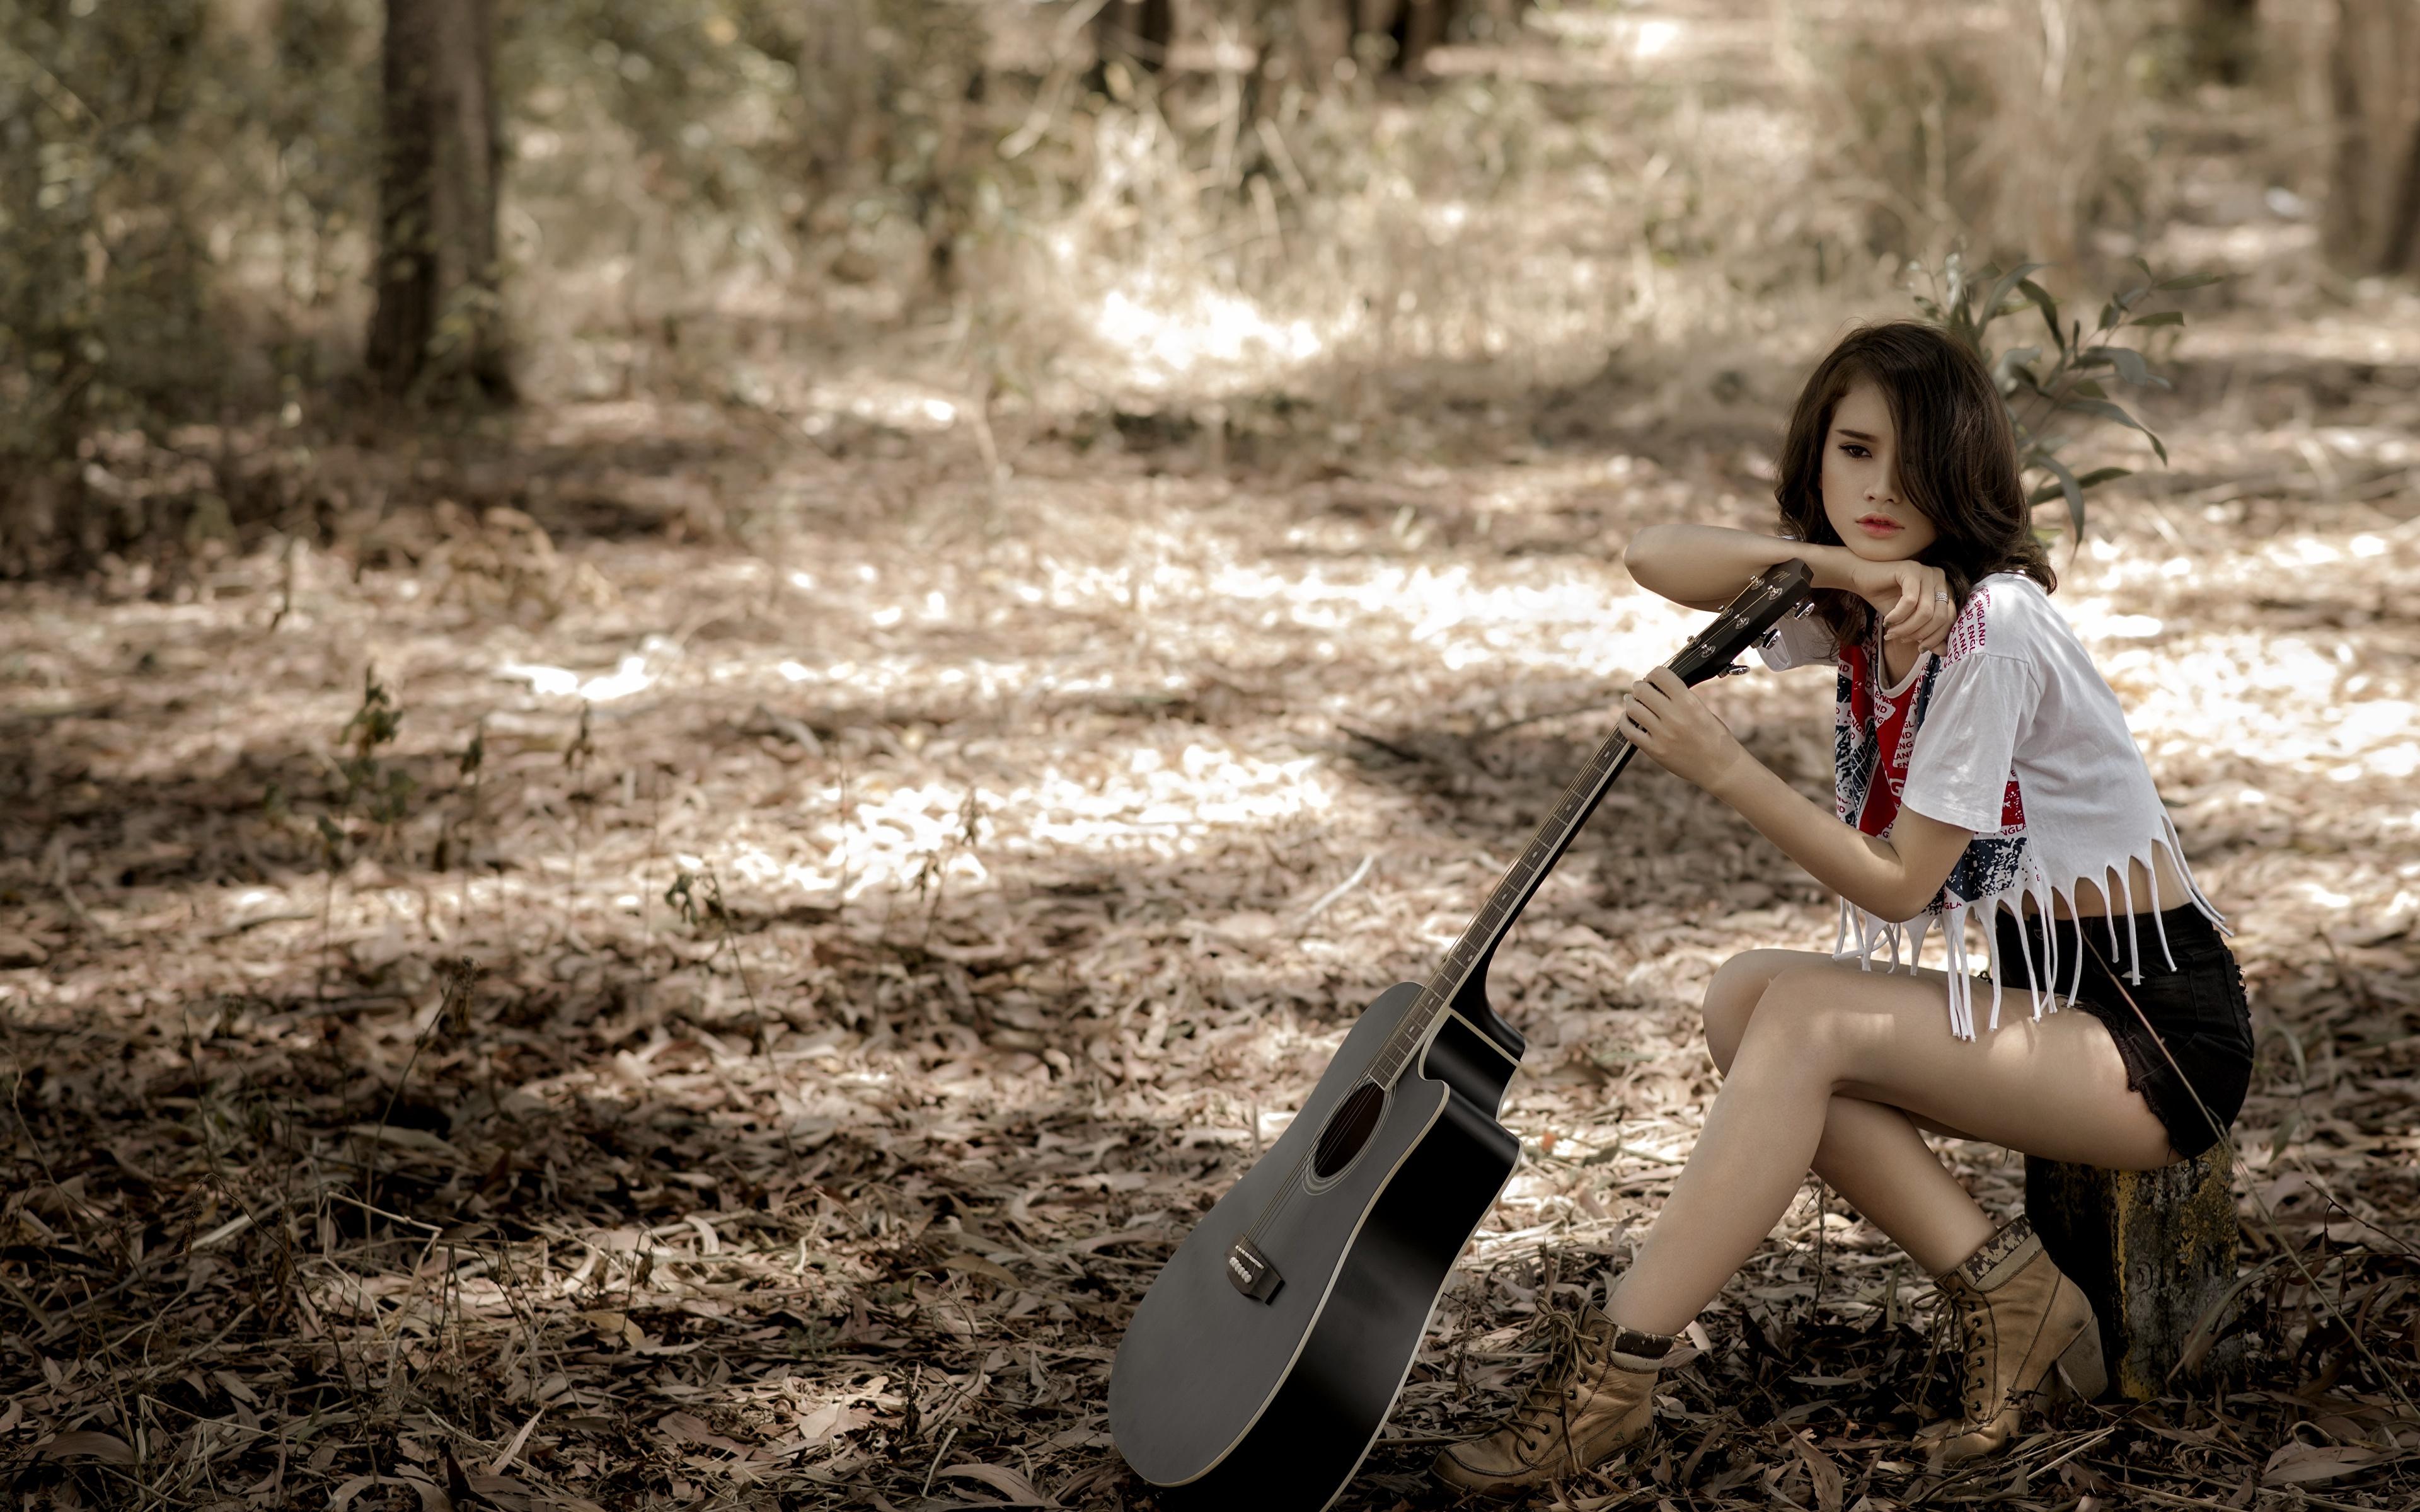 Картинка брюнеток гитары девушка азиатки шорт сидящие 3840x2400 брюнетки Брюнетка Гитара с гитарой Девушки молодая женщина молодые женщины Азиаты азиатка сидя Шорты Сидит шортах